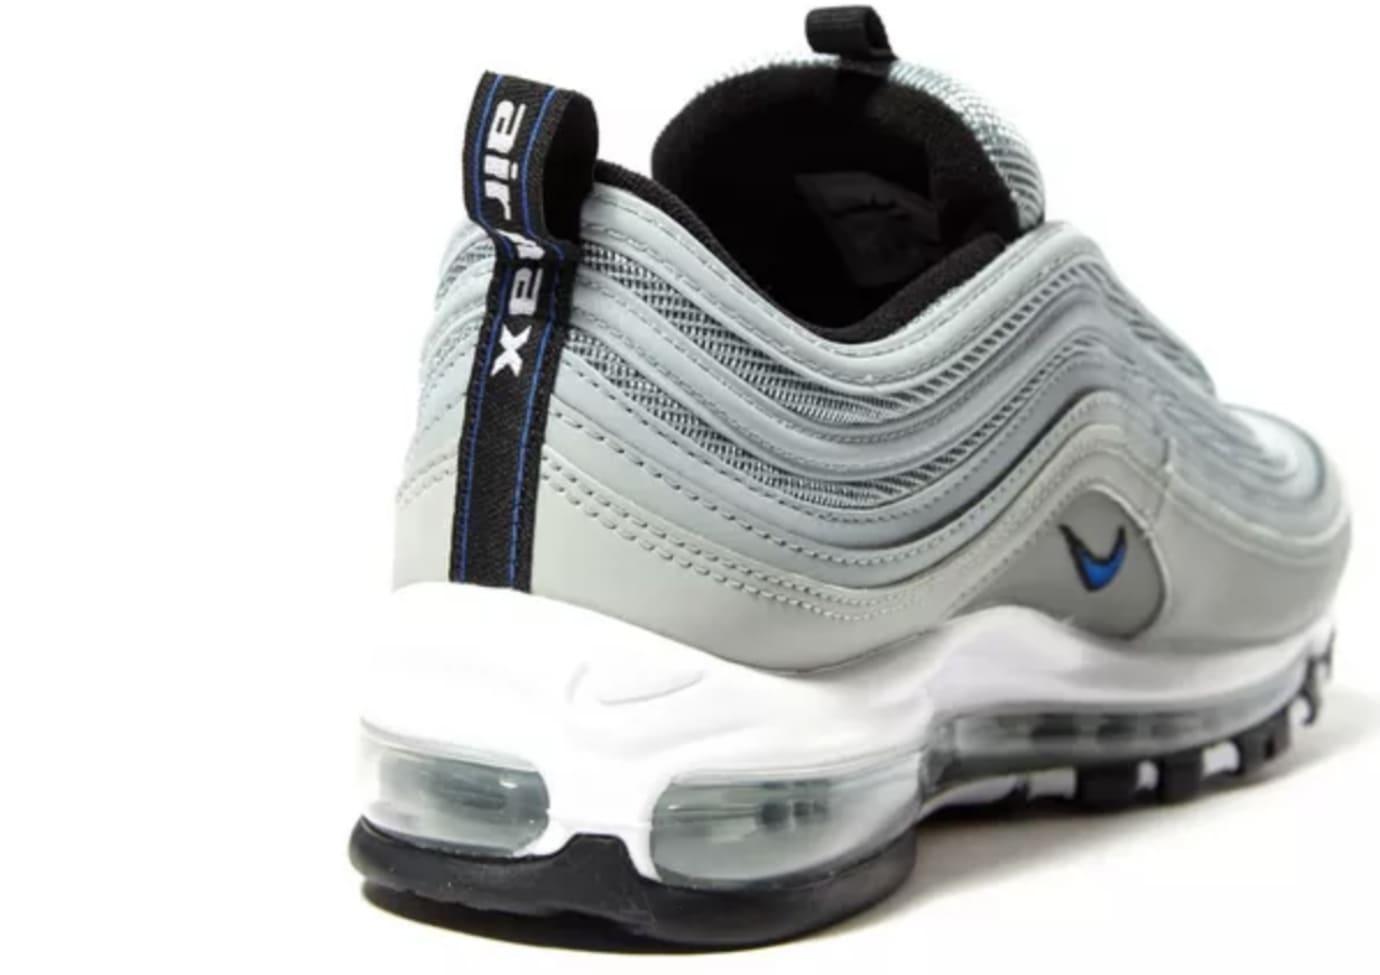 Nike Air Max 97 AQ7331-001 4